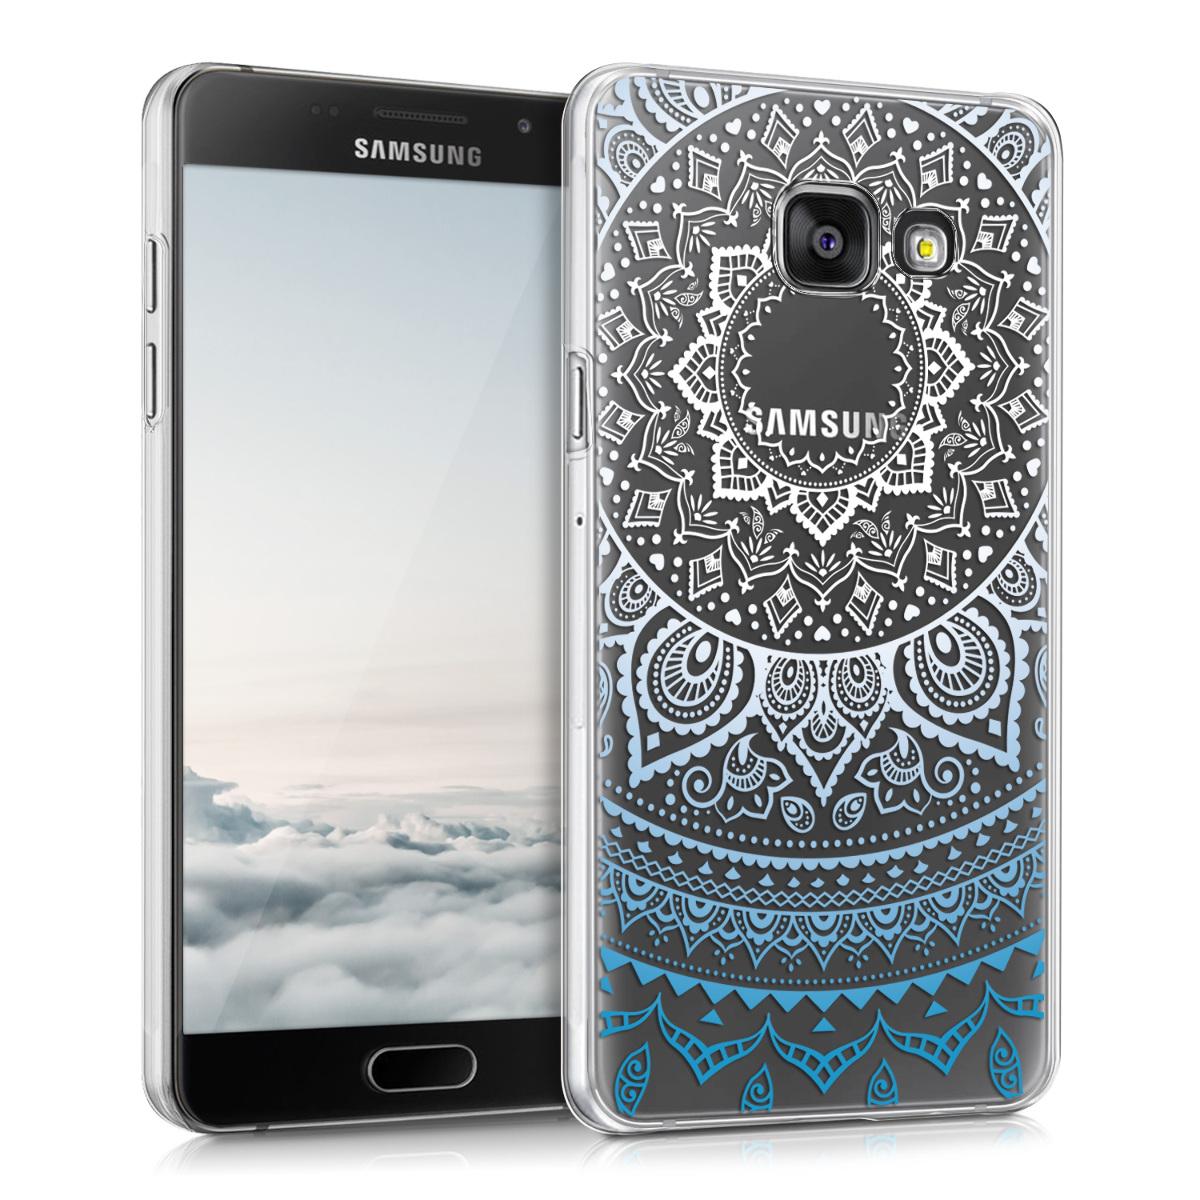 Kvalitní plastové pouzdro pro Samsung A5 (2016) - indické slunce modré / Bílá / Průhledná